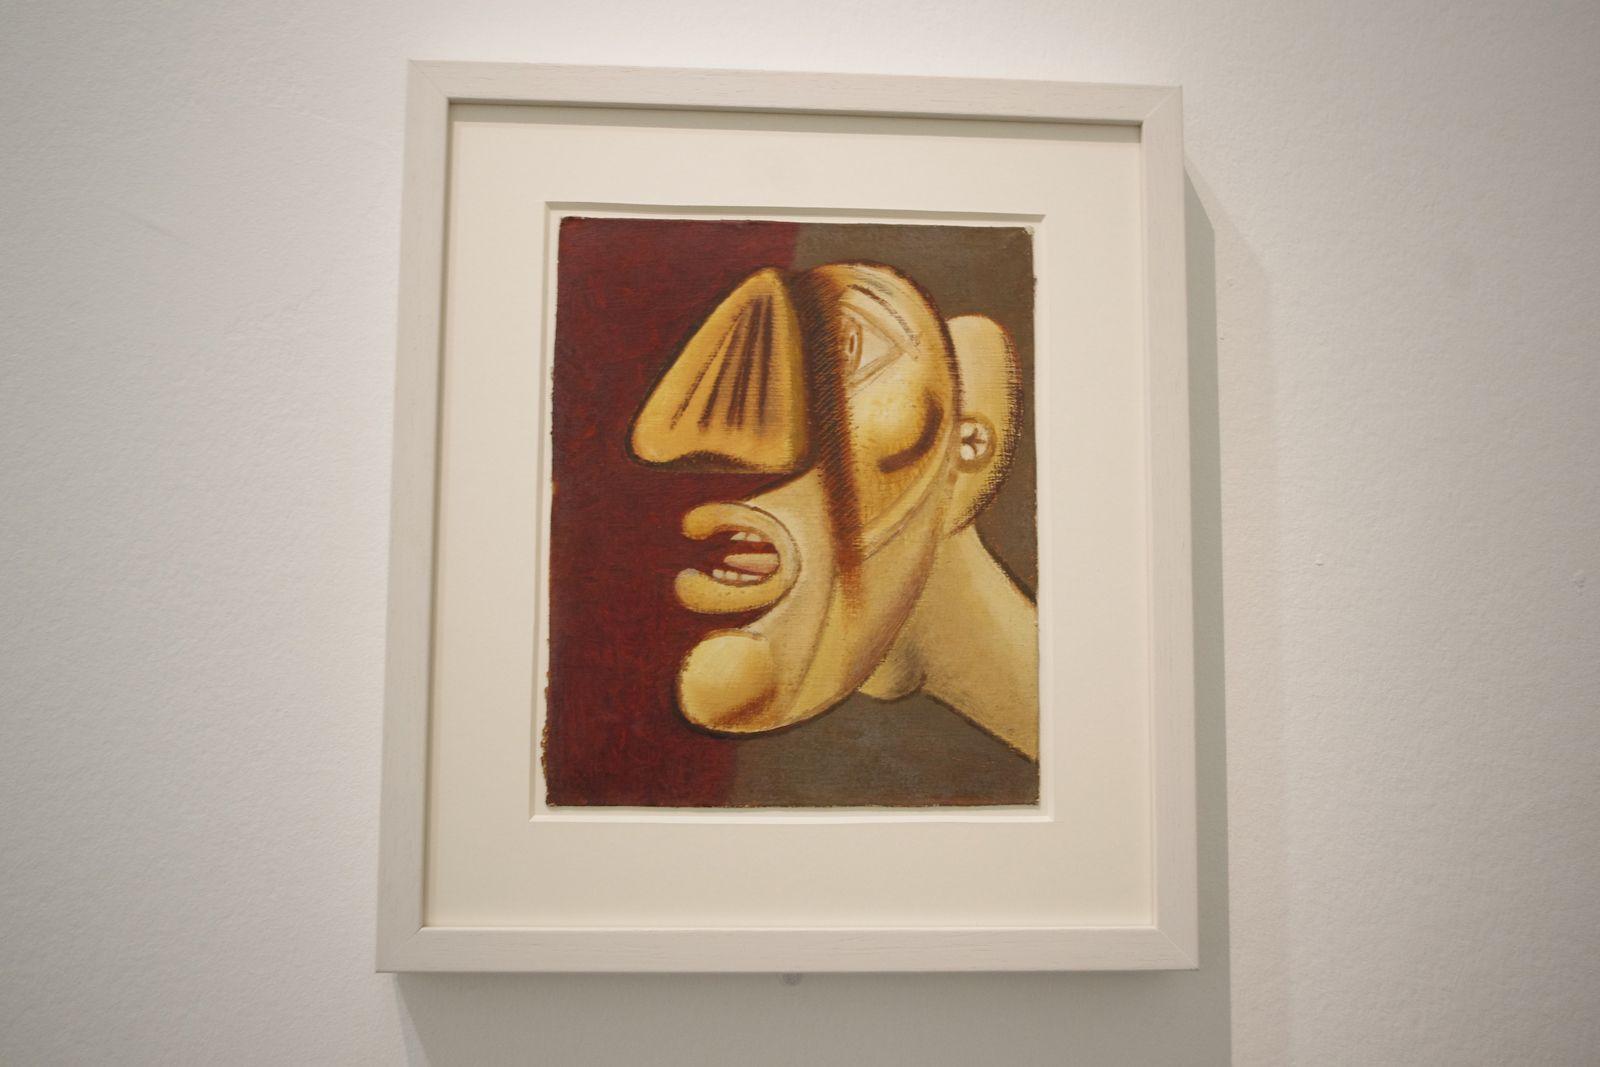 """HANS HARTUNG, expo """" La fabrique du geste """" Musée d'Art Moderne, Paris"""